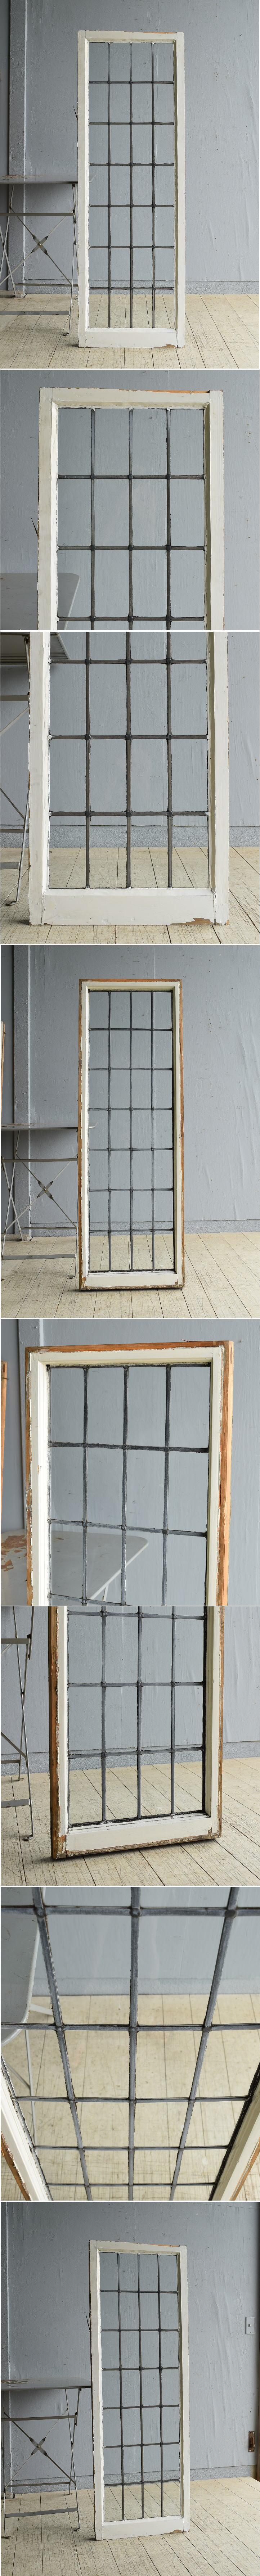 イギリス アンティーク 窓 無色透明 8056